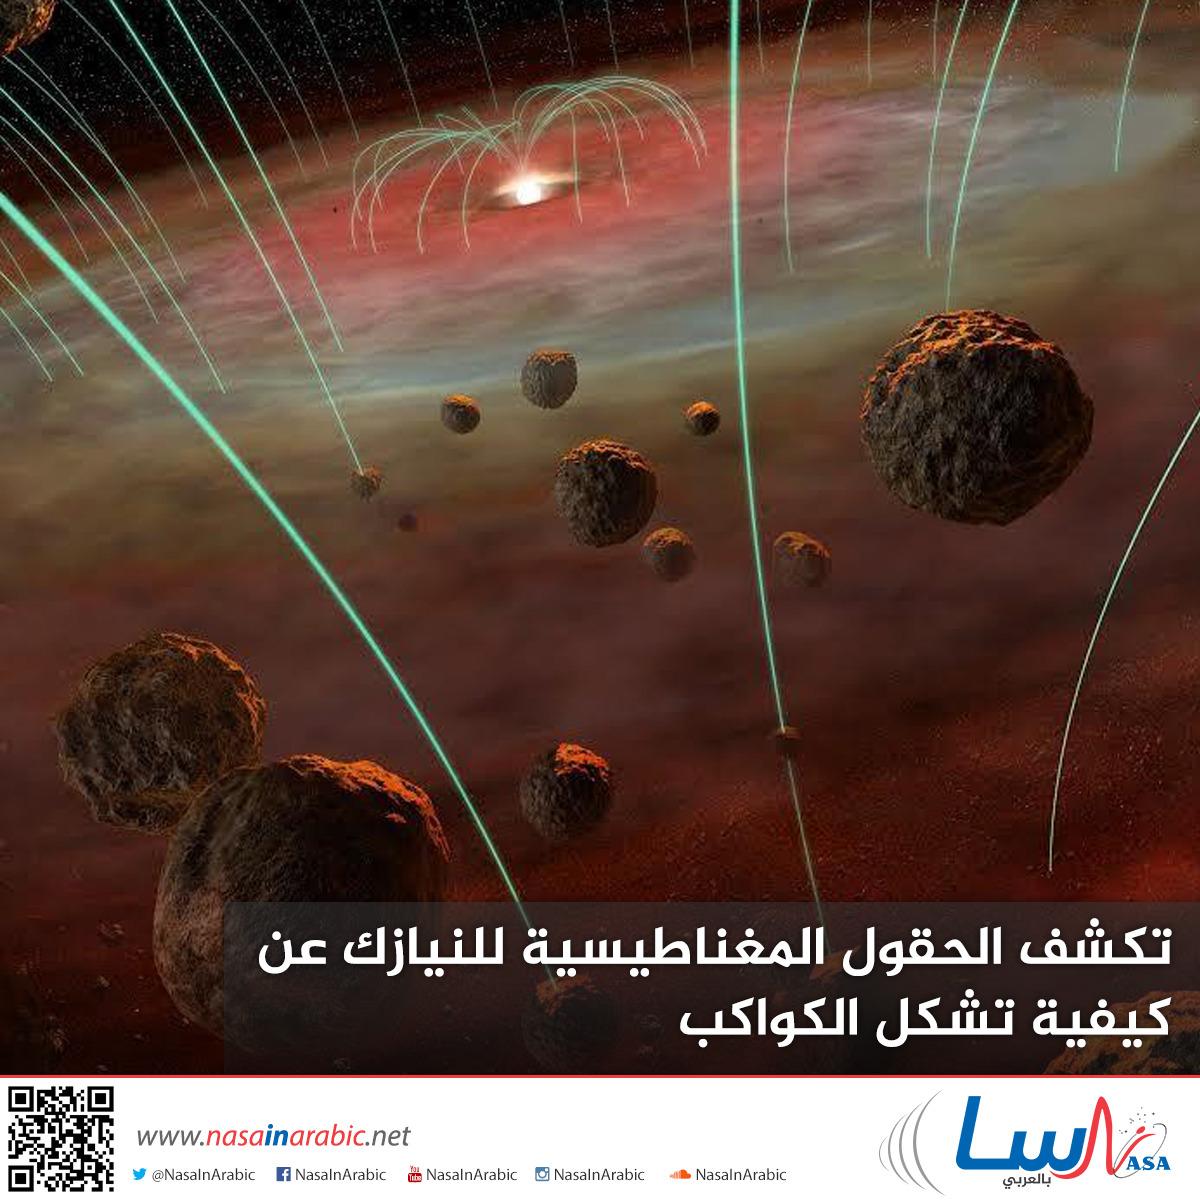 تكشف الحقول المغناطيسية للنيازك عن كيفية تشكل الكواكب